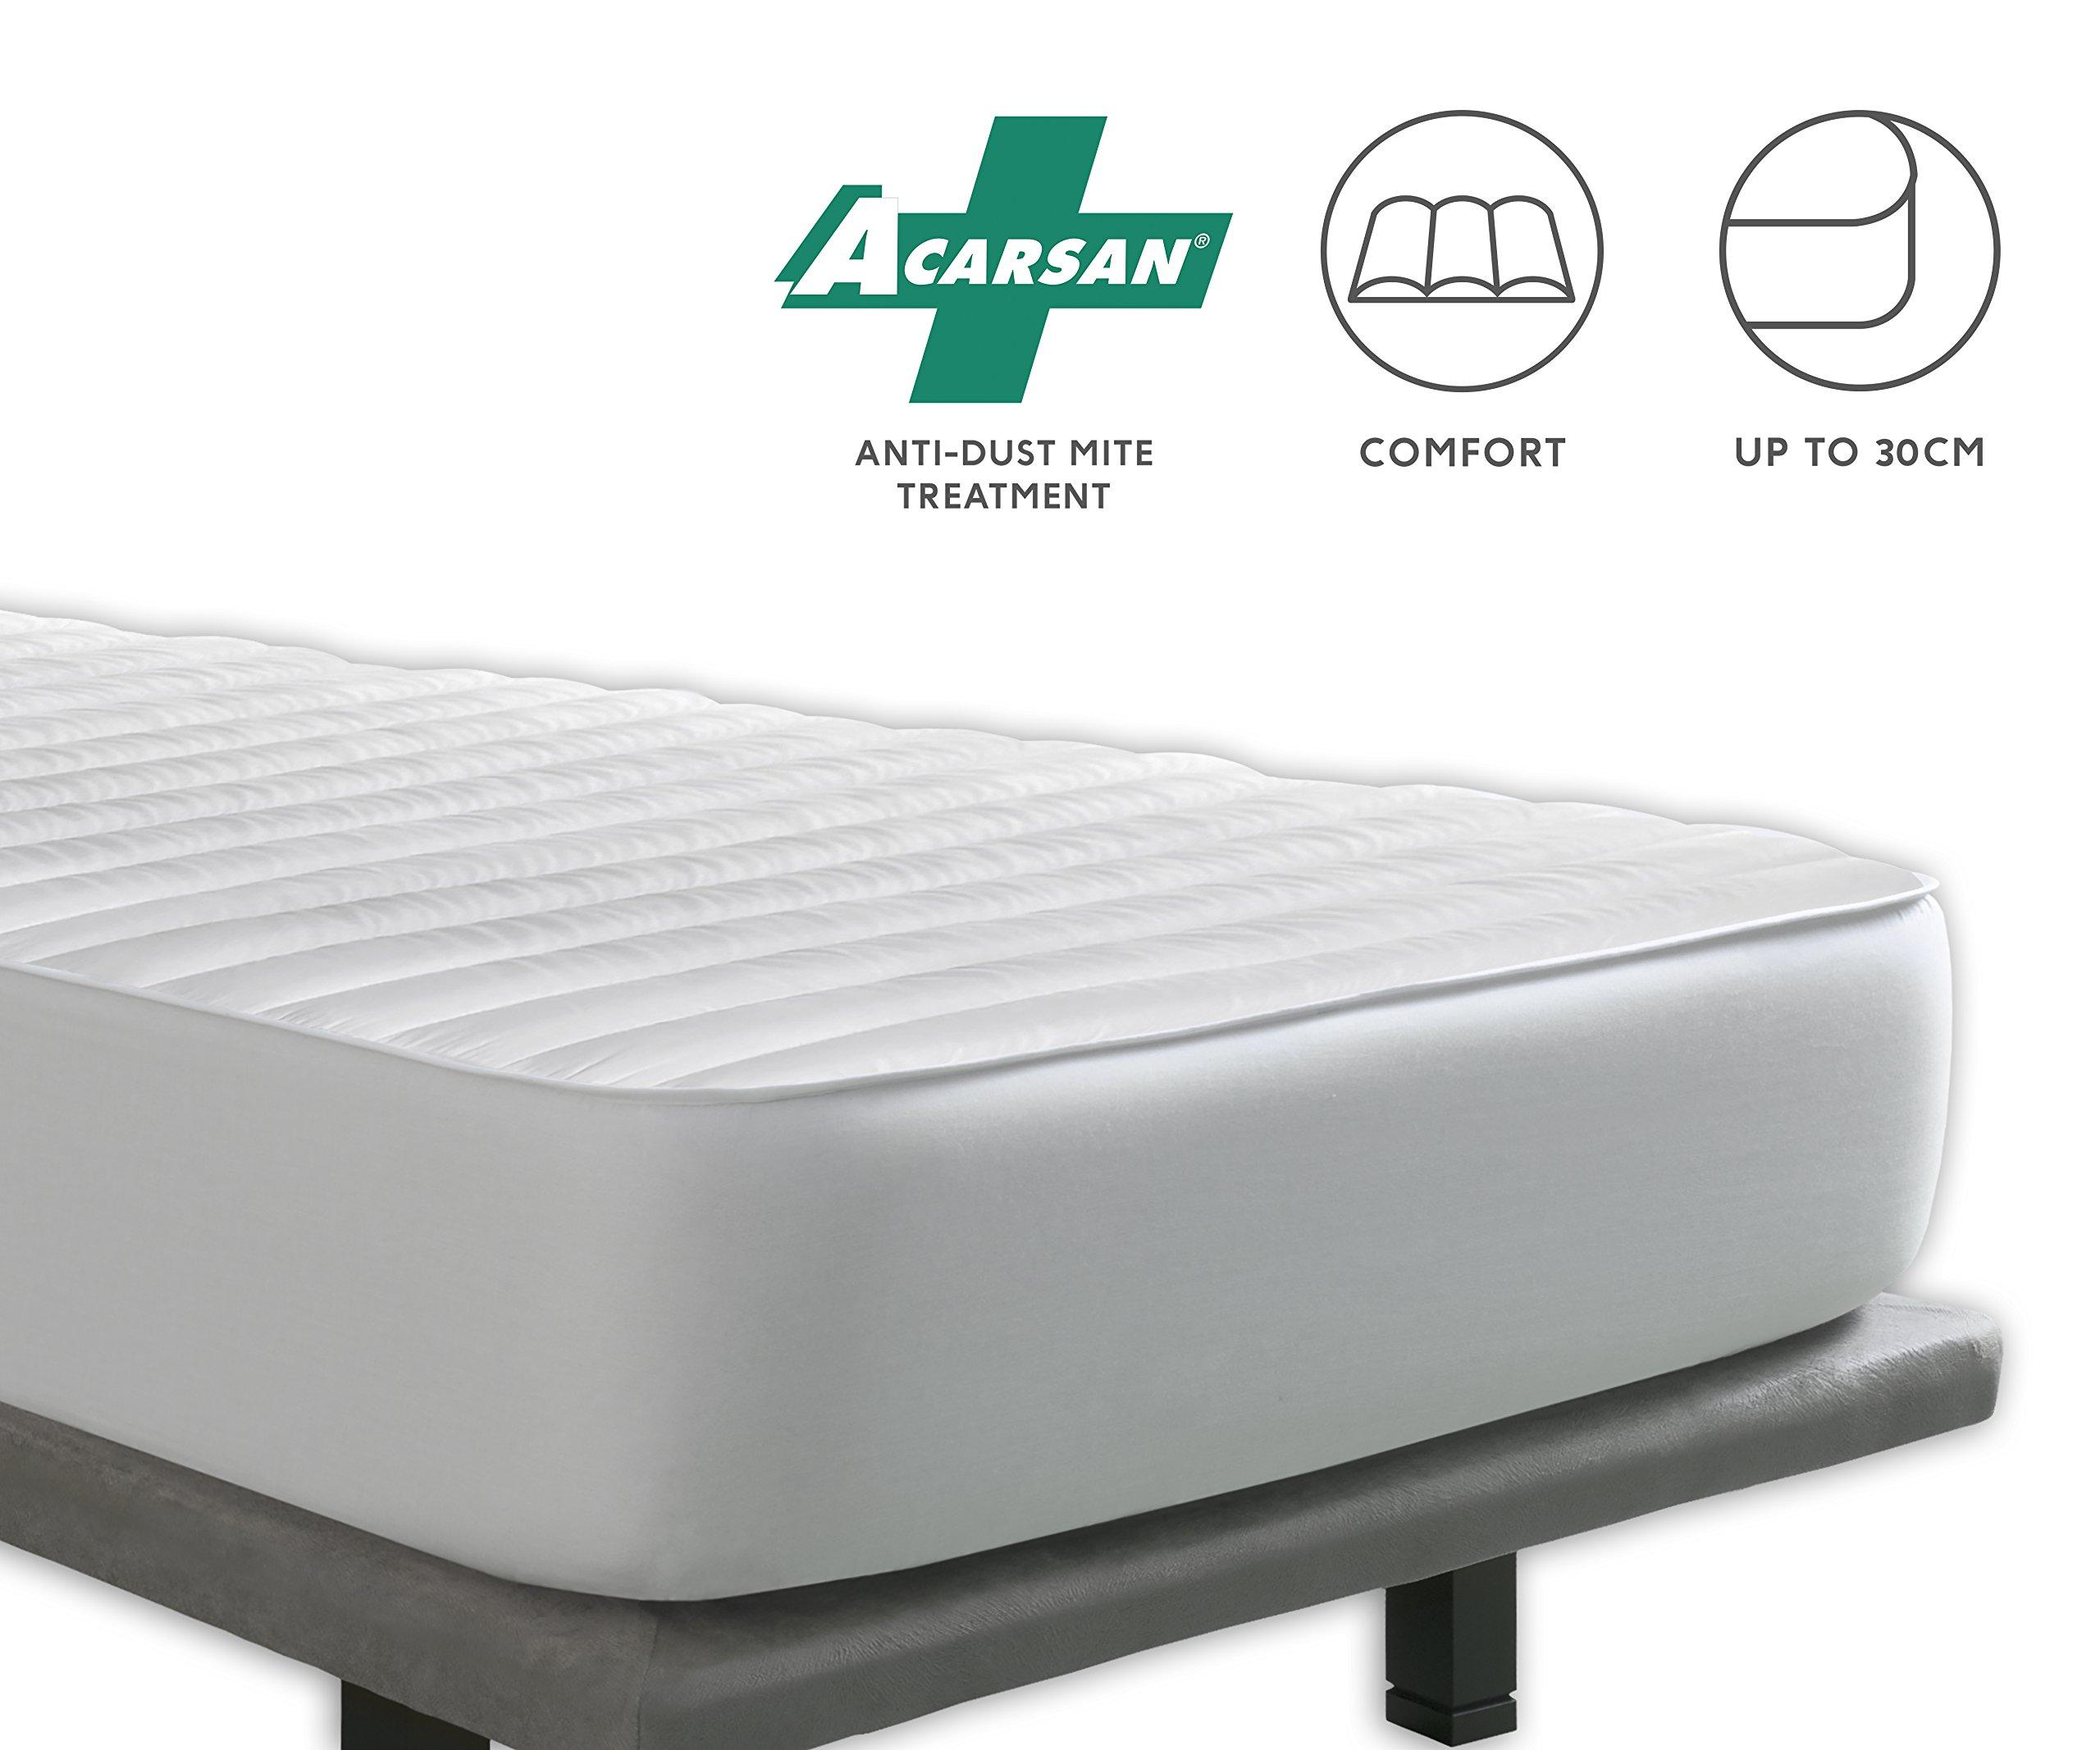 Tural – Cubrecolchón Antiácaros Reversible - Protector de colchón Acolchado. Talla 135x200cm product image